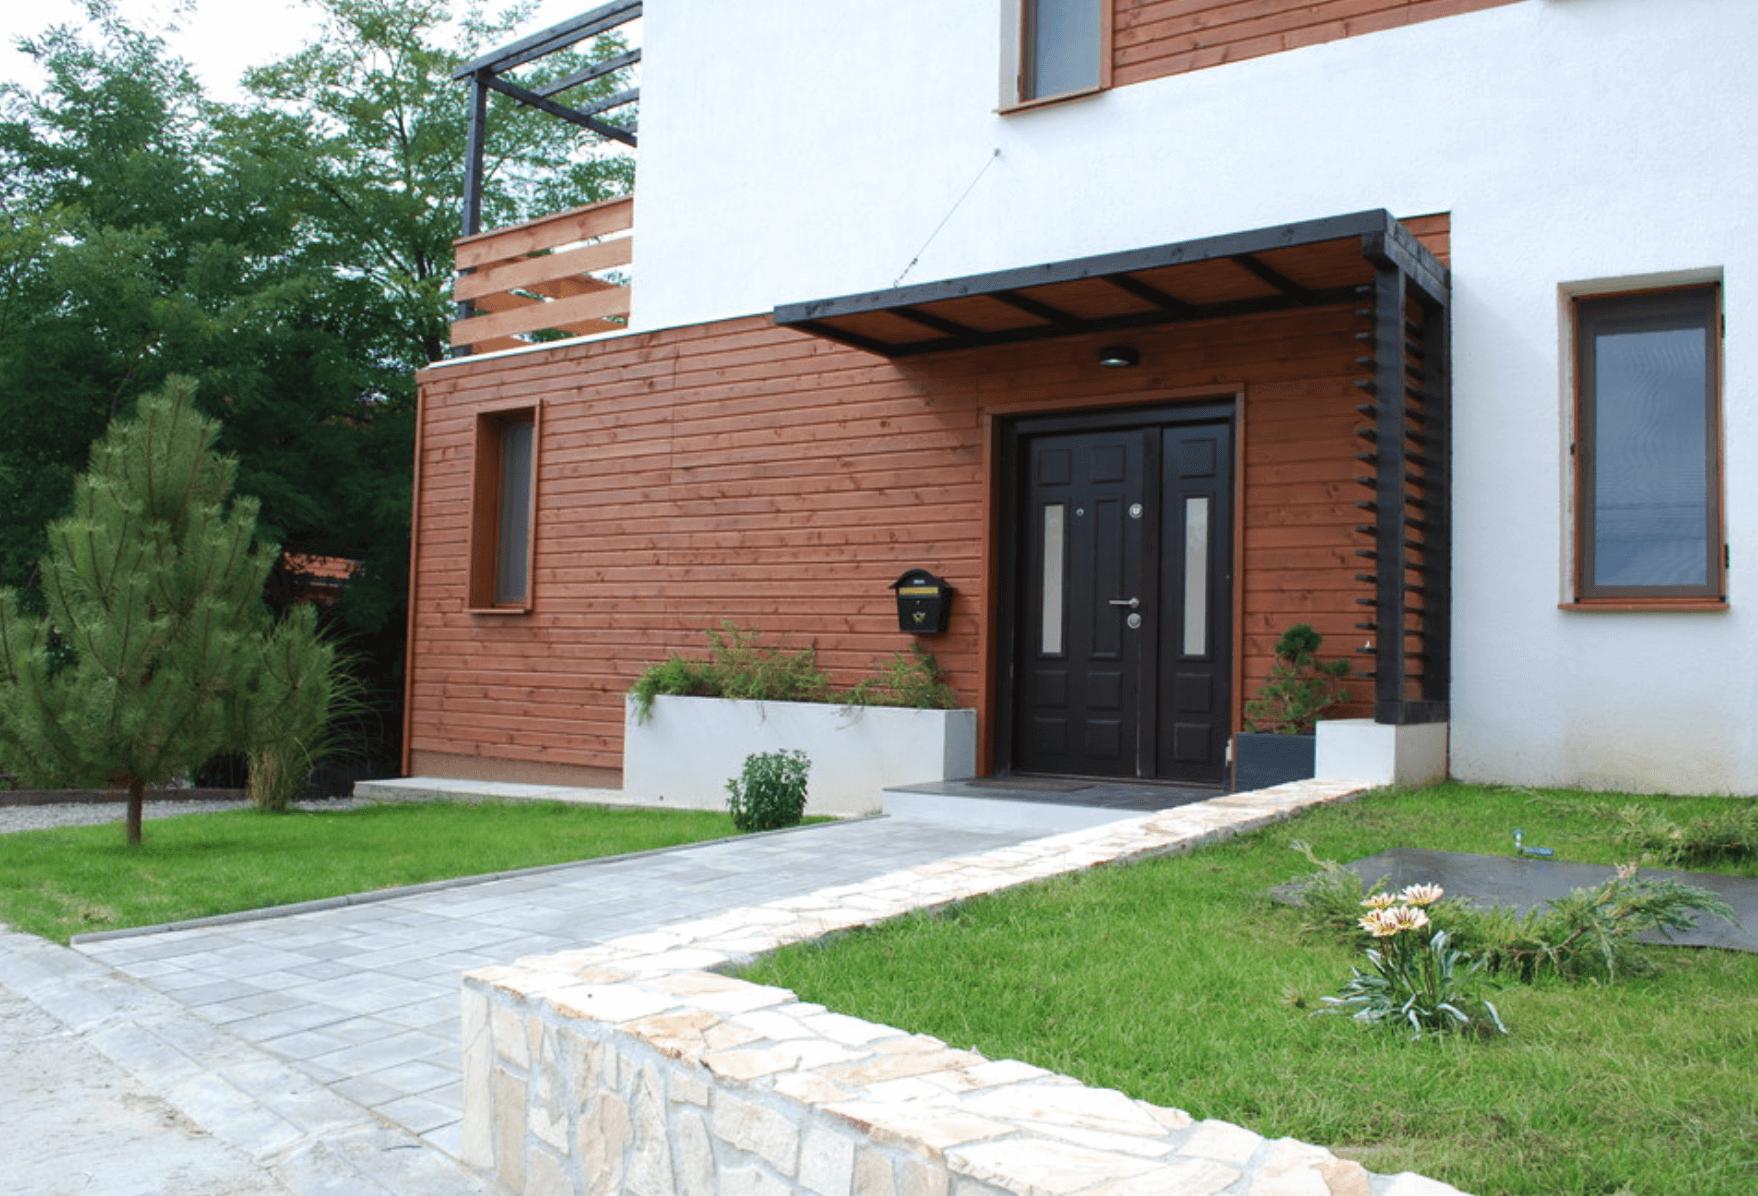 Casas bonitas e decoradas